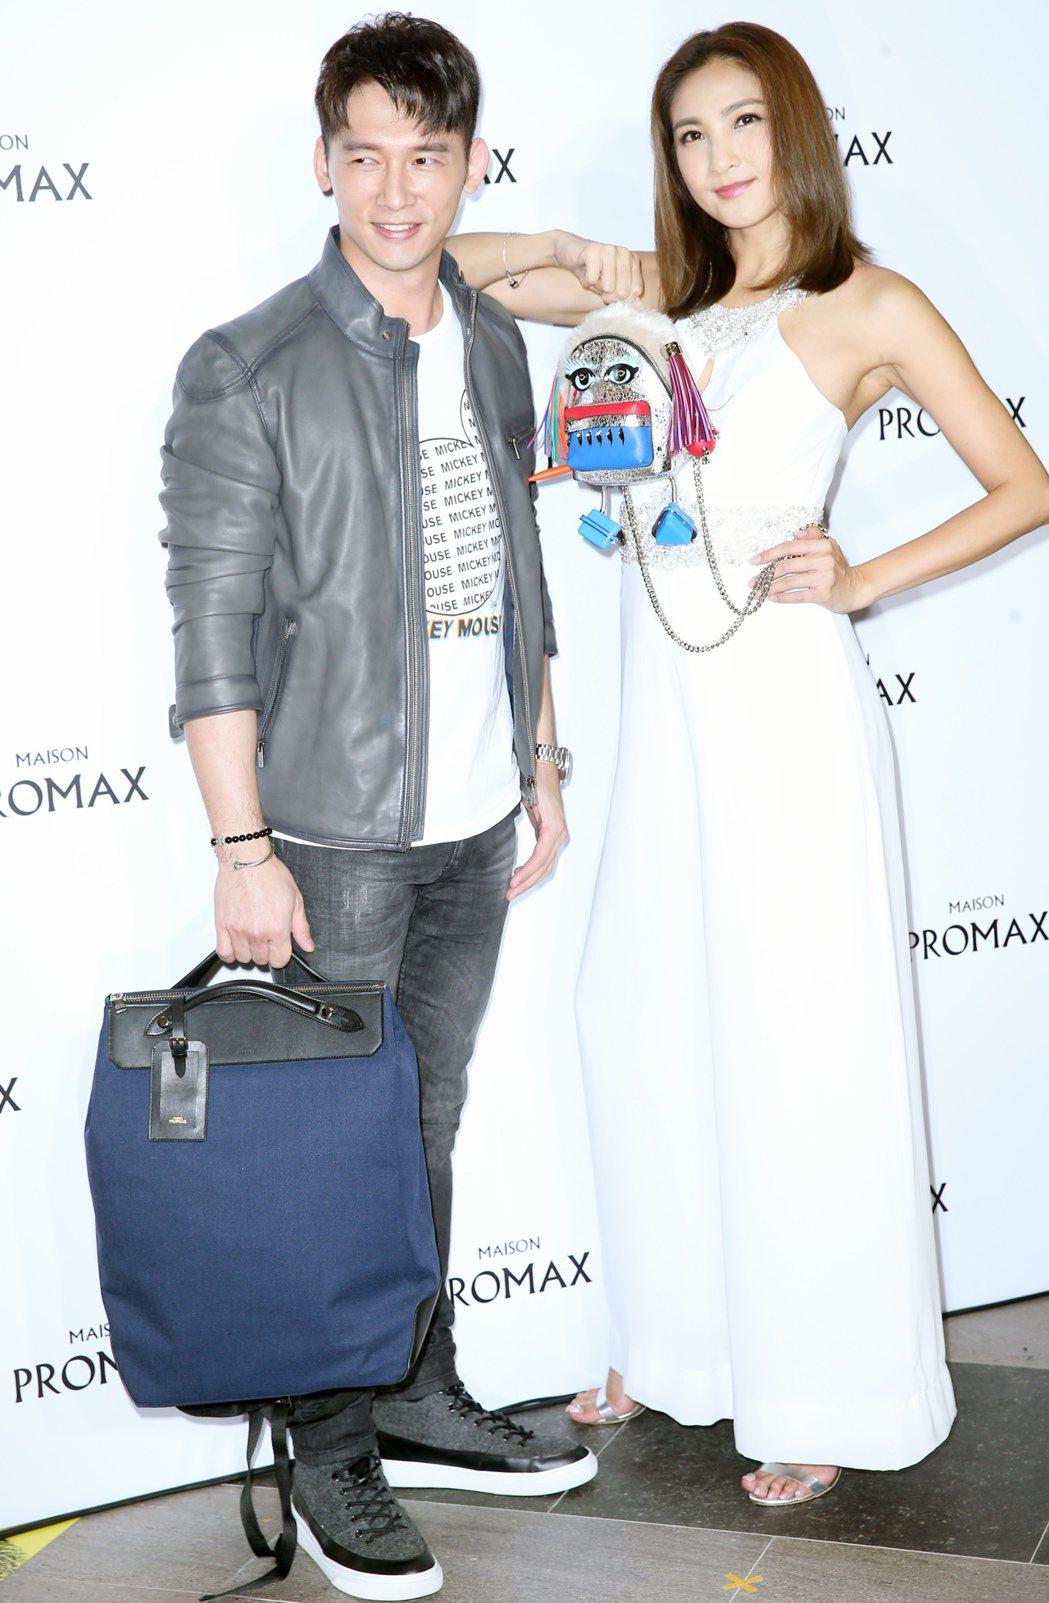 溫昇豪與陳思璇出席法國時尚機能包袋品牌Maison Promax新品發表會。記者...